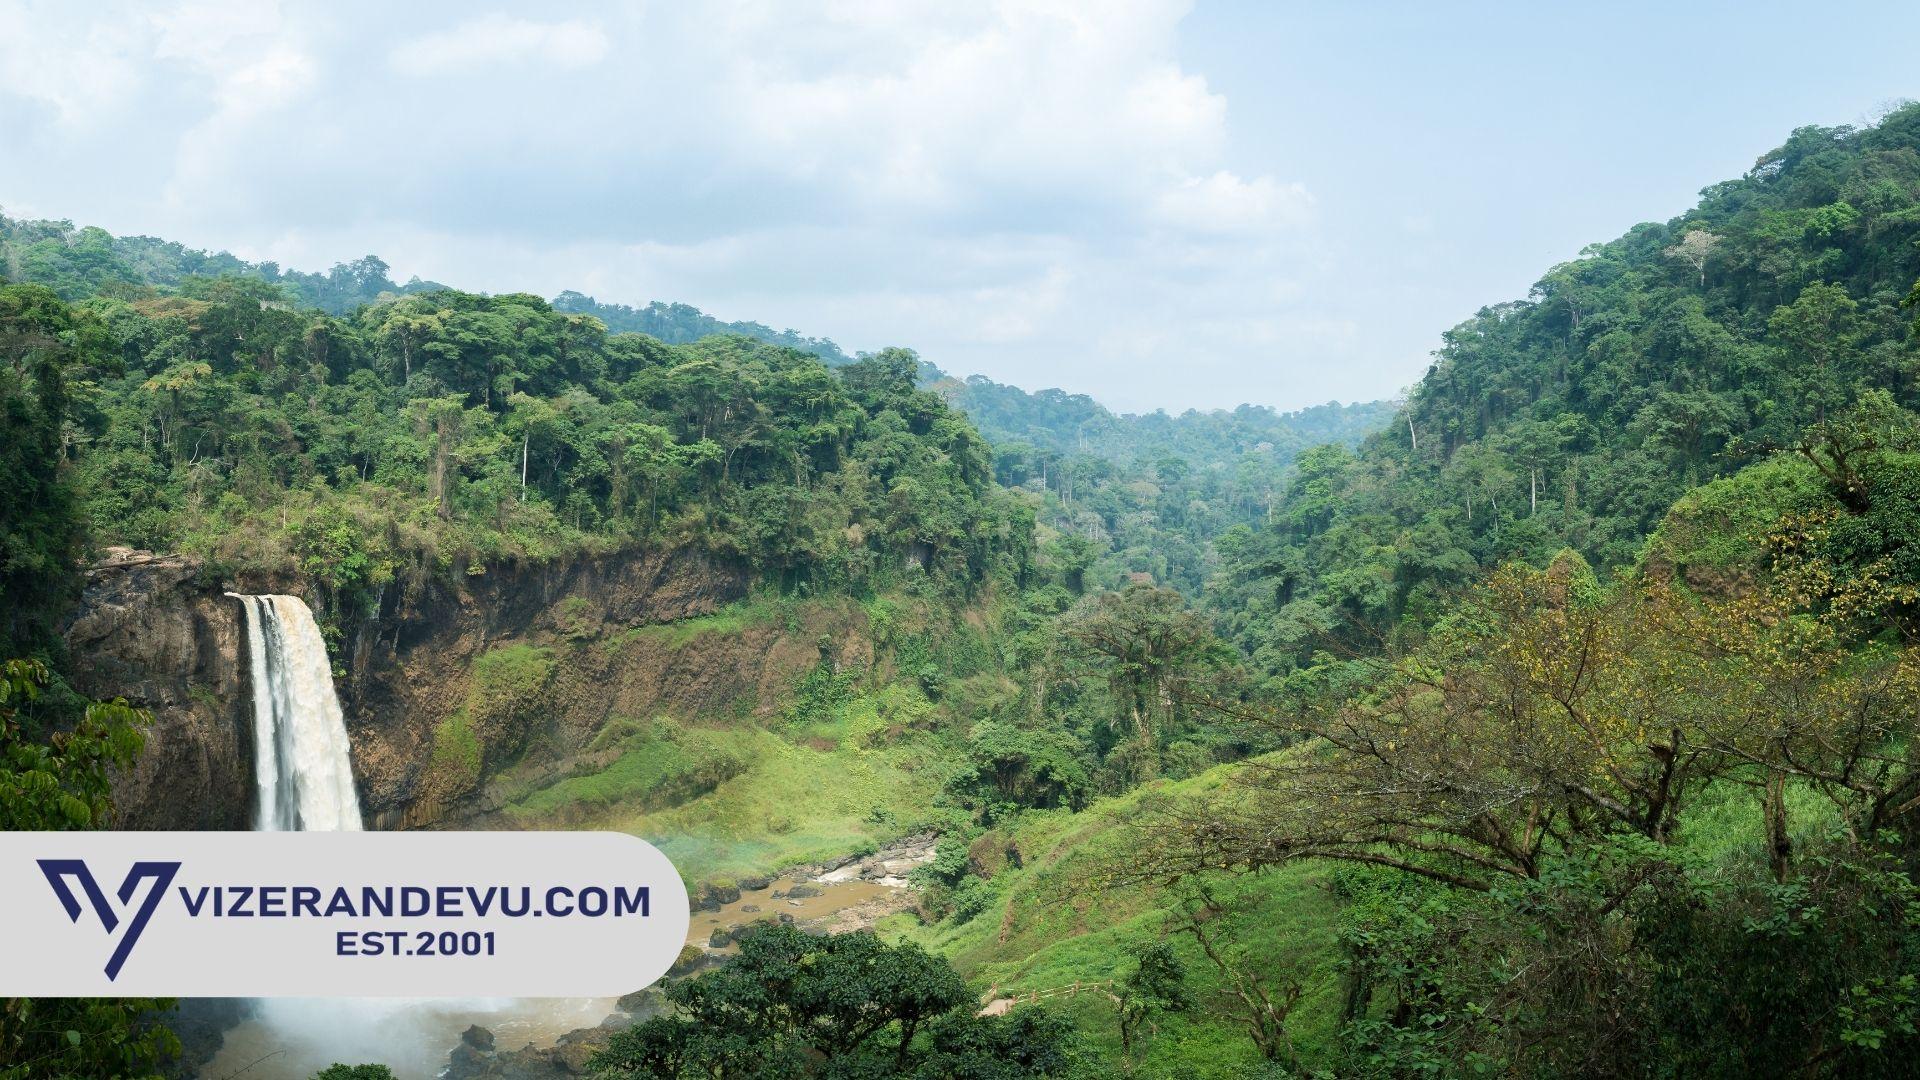 Kamerun Vizesi: Randevu ve Başvuru (2021)